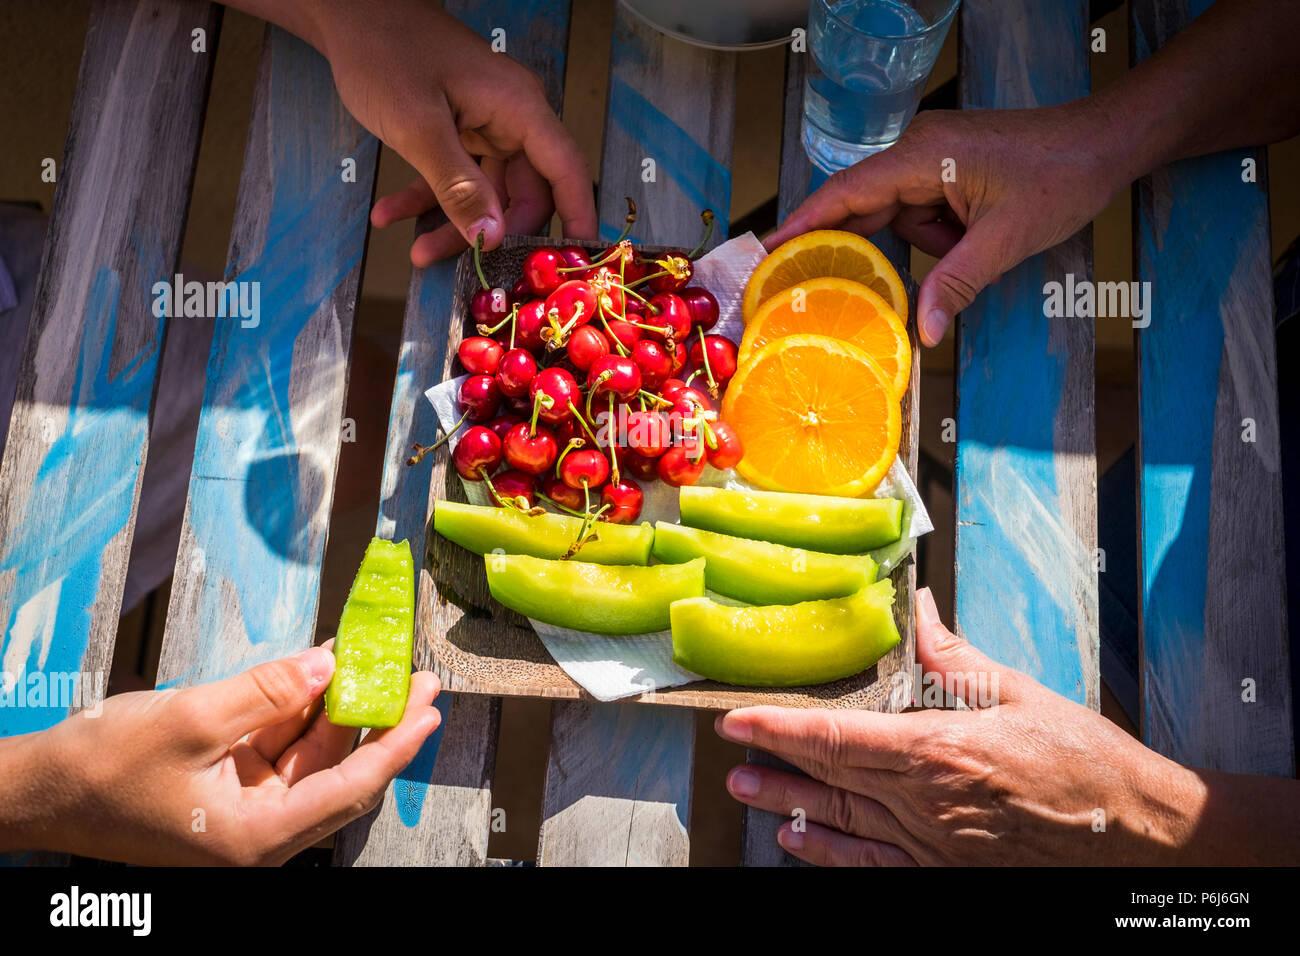 Acercamiento de los jóvenes y los viejos de las manos de la abuela y el sobrino adolescente comer algunos frutos frescos de temporada en la tabla de madera. healhty vida en familia Imagen De Stock